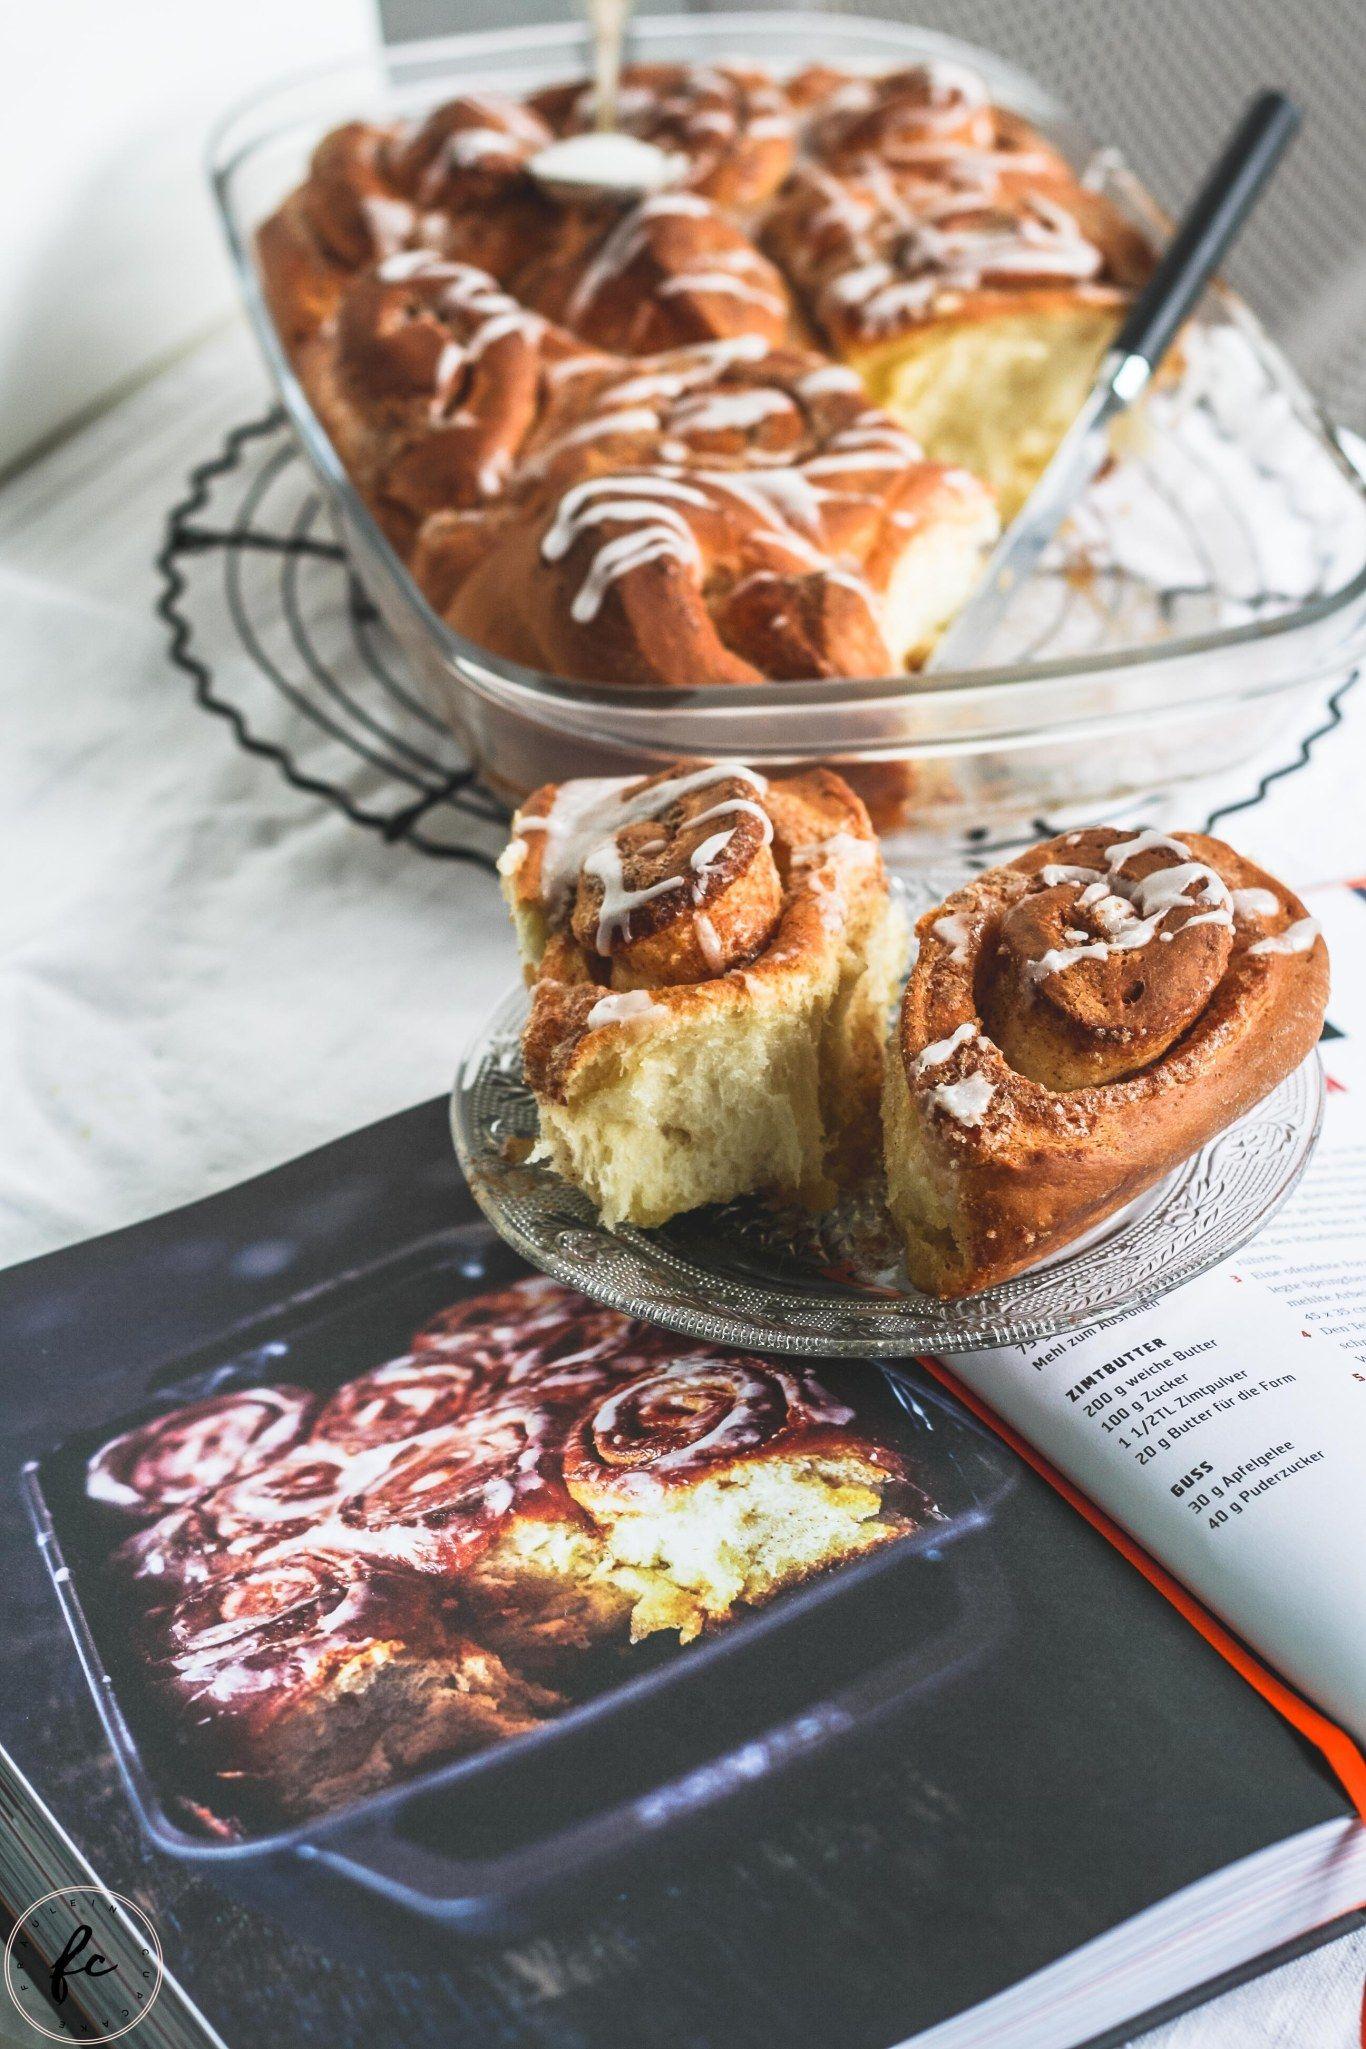 Rezept für Zimtschnecken à la Tim Mälzer und eine Kochbuchrezension (enthält Werbung)